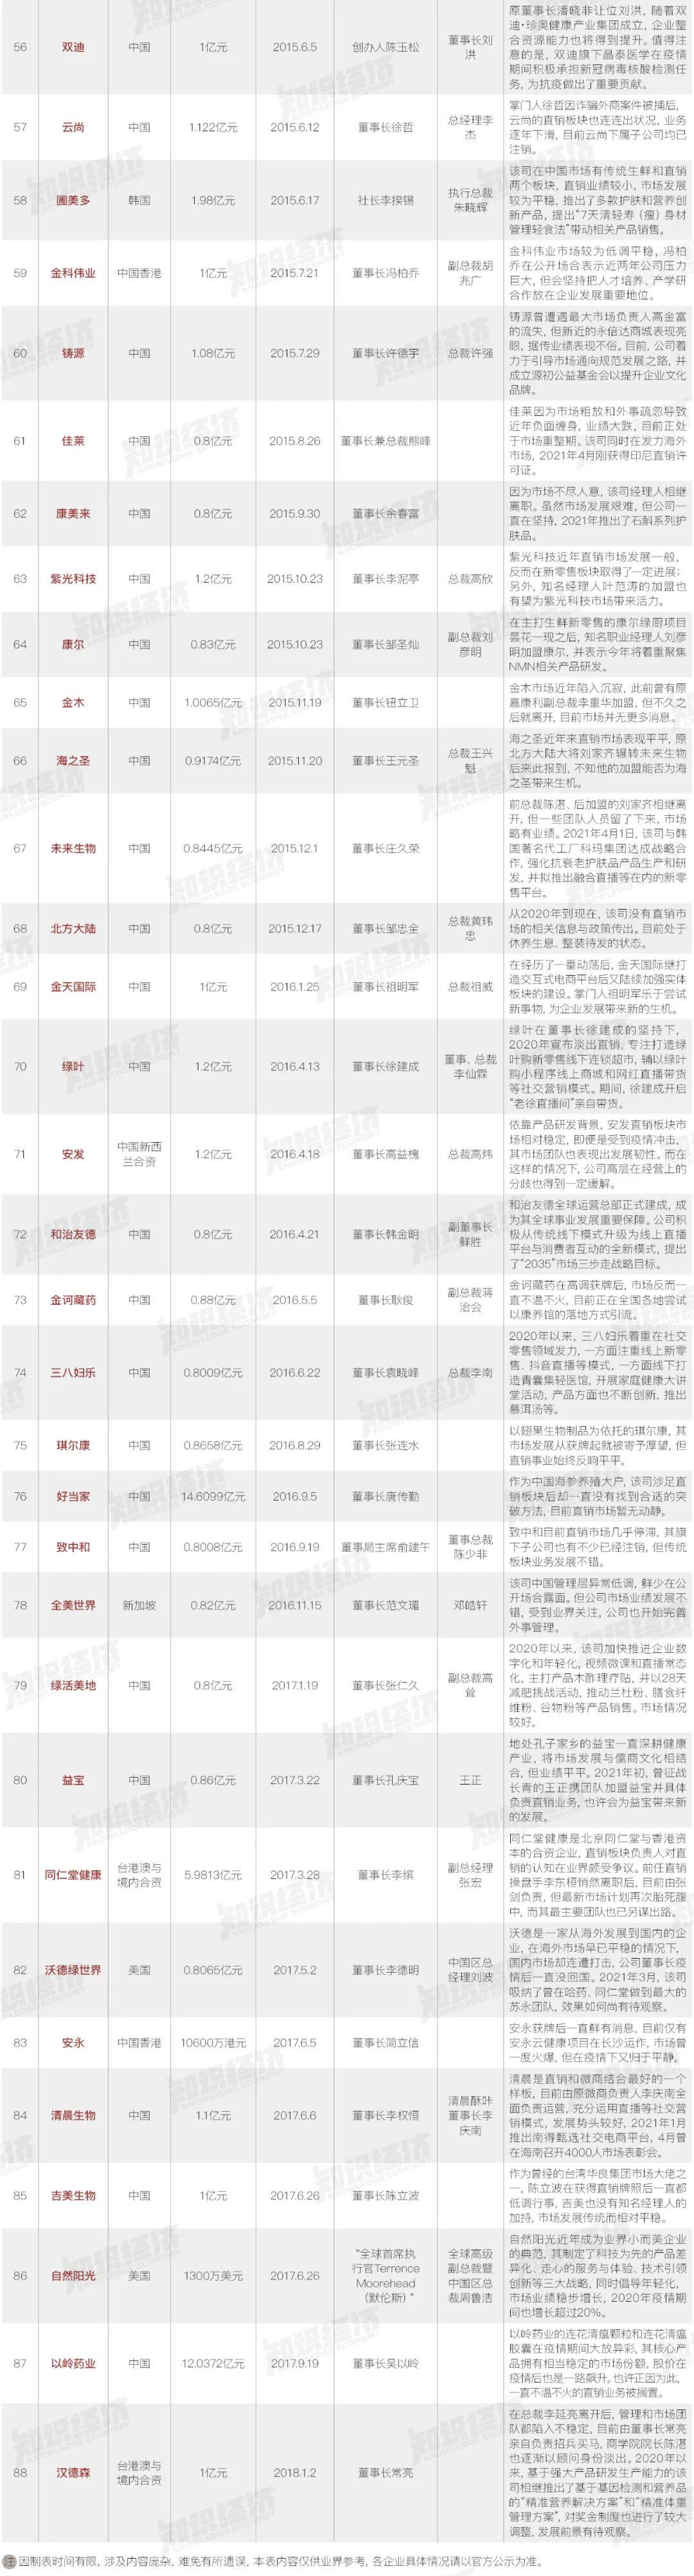 中国88家直销企业沉浮录